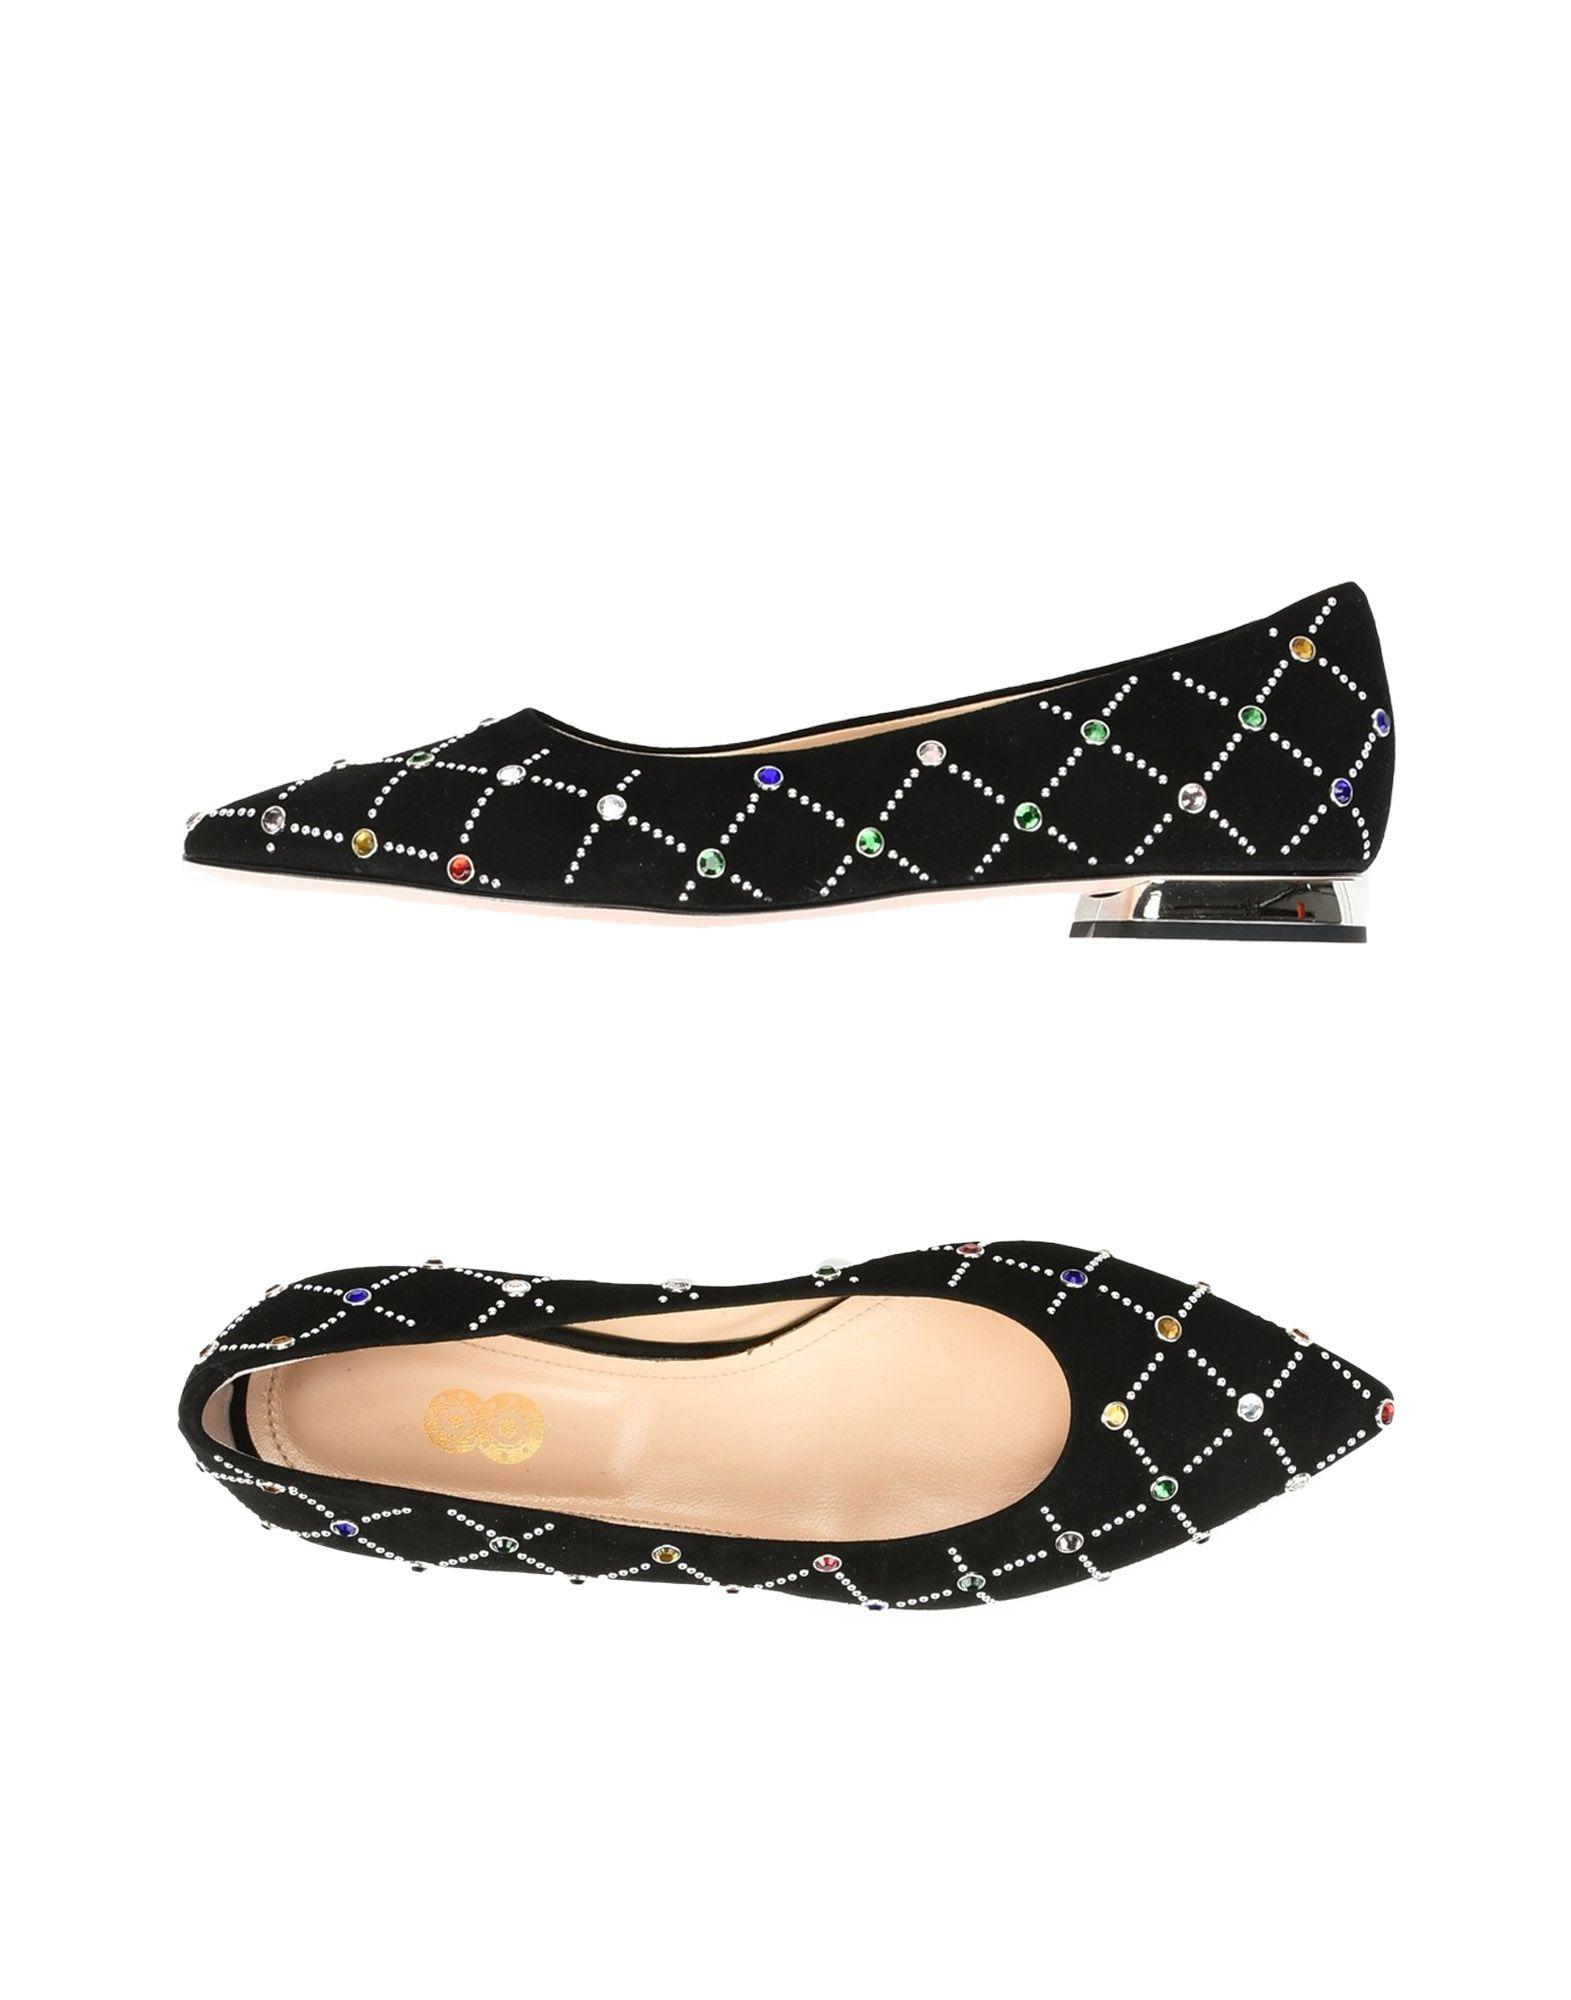 Scarpe economiche e resistenti Ballerine 8 Donna - 11460093CI